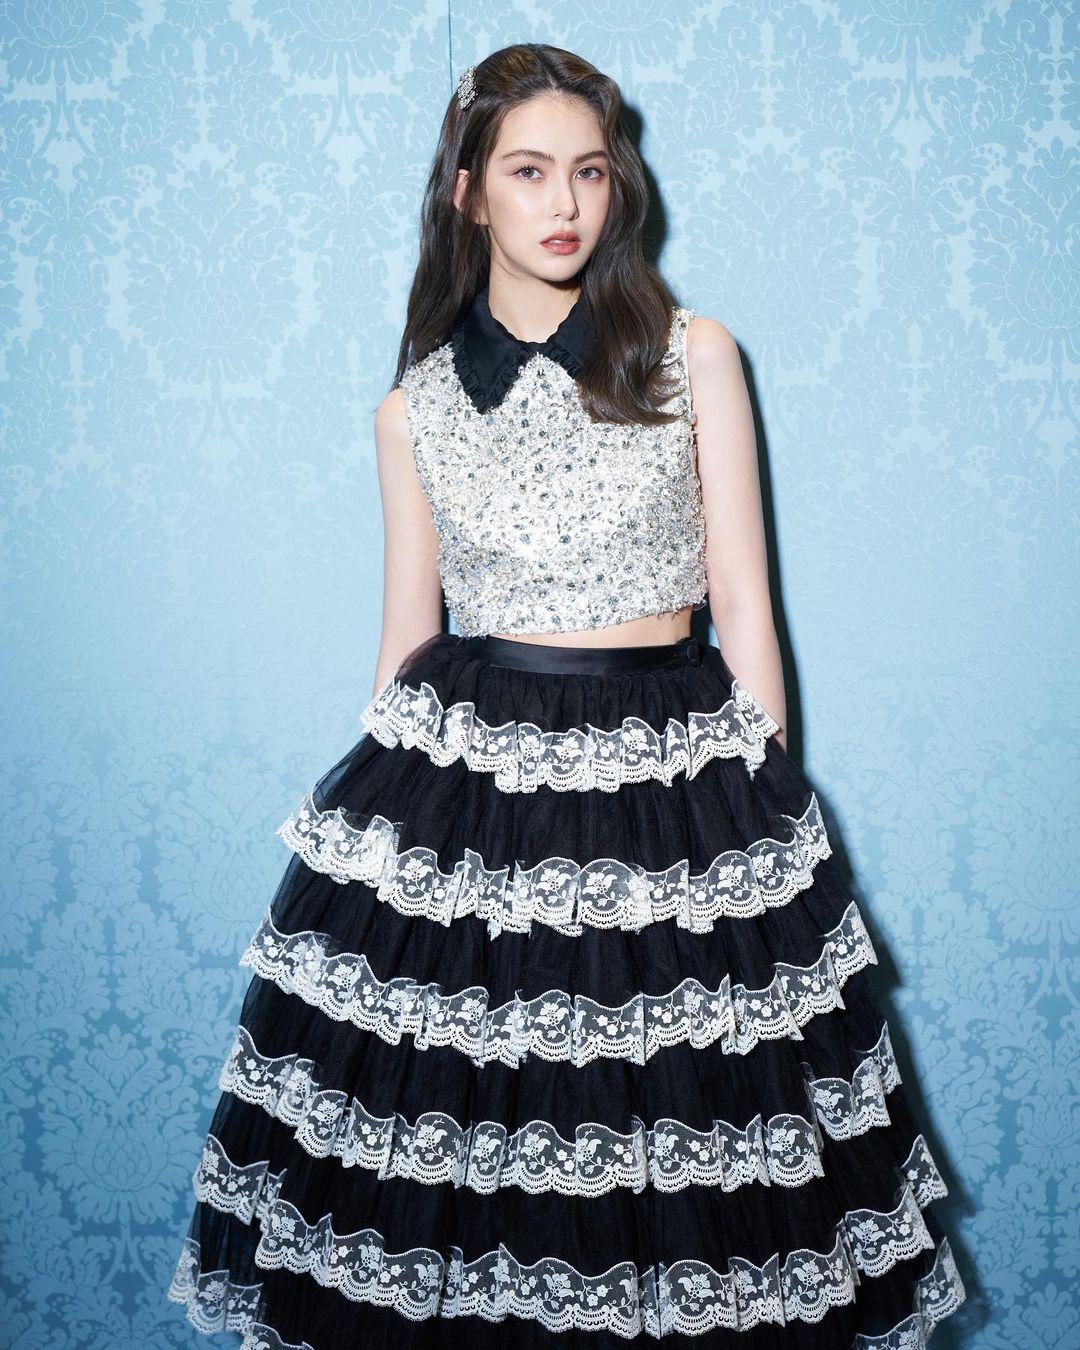 فستان كشكش مكون من تنورة وتوب مرصع من توقيع Miu Miu- الصورة من انستغرام Miu Miu